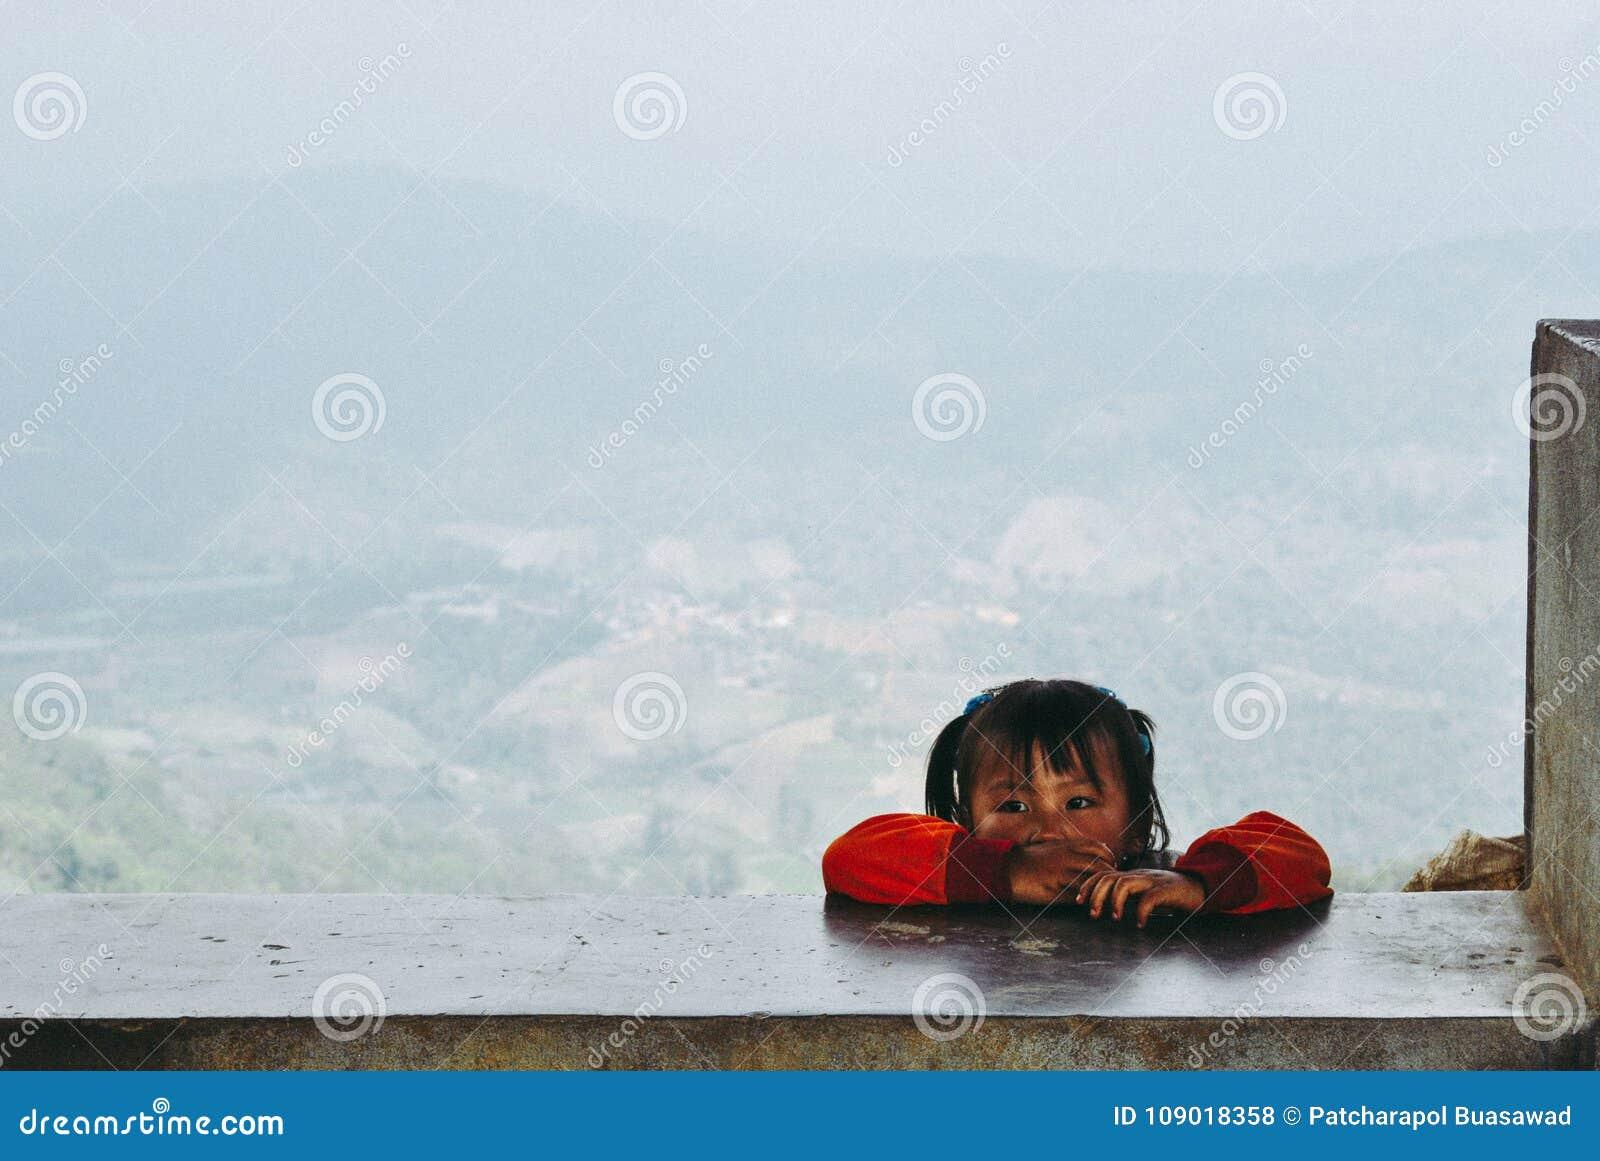 Una ragazza della tribù della collina che guarda al suo amico mentre stanno giocando la o